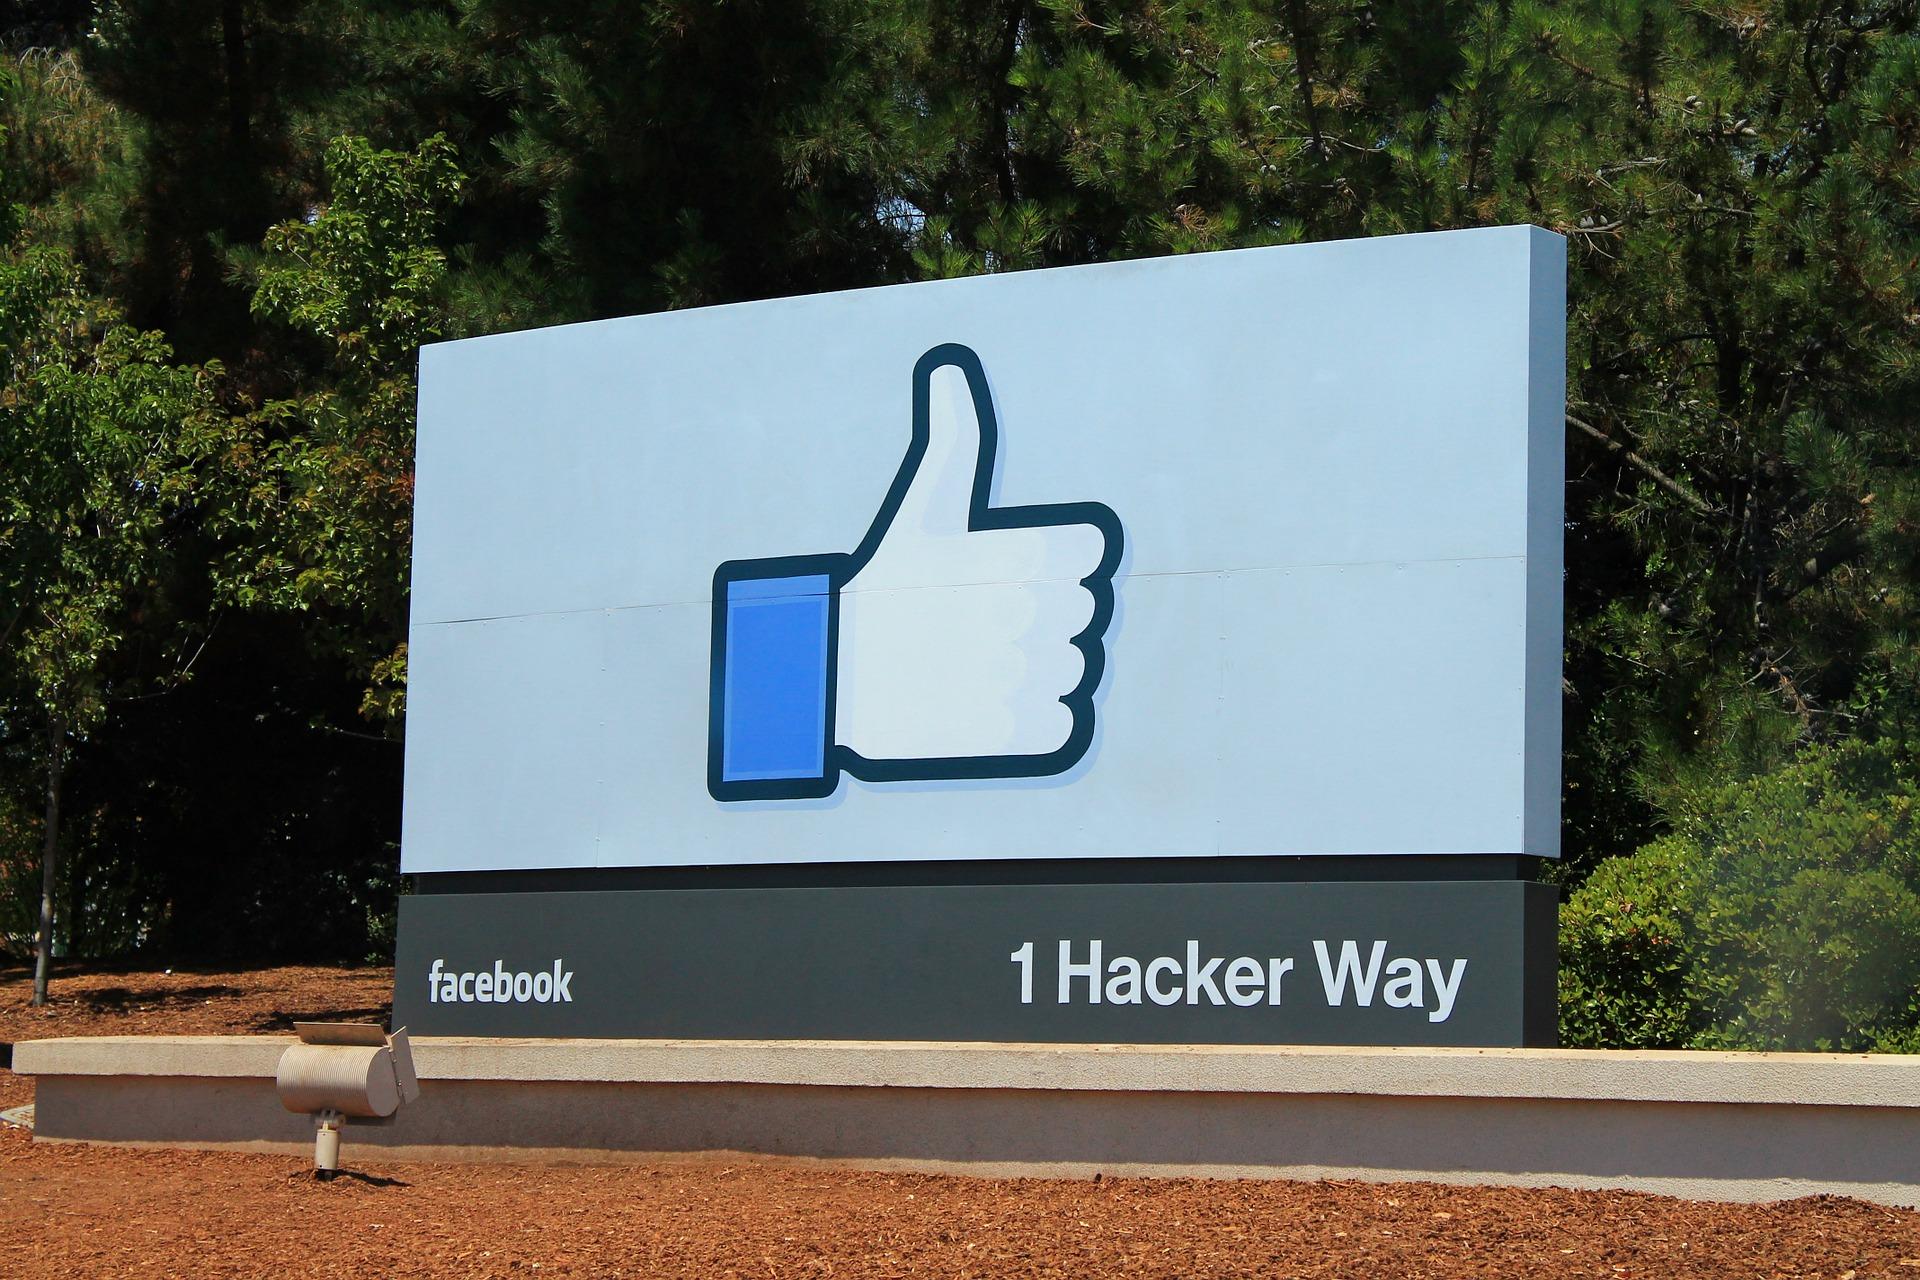 C'est un scam » : dans l'affaire des données siphonnées, Facebook met en place sa défense